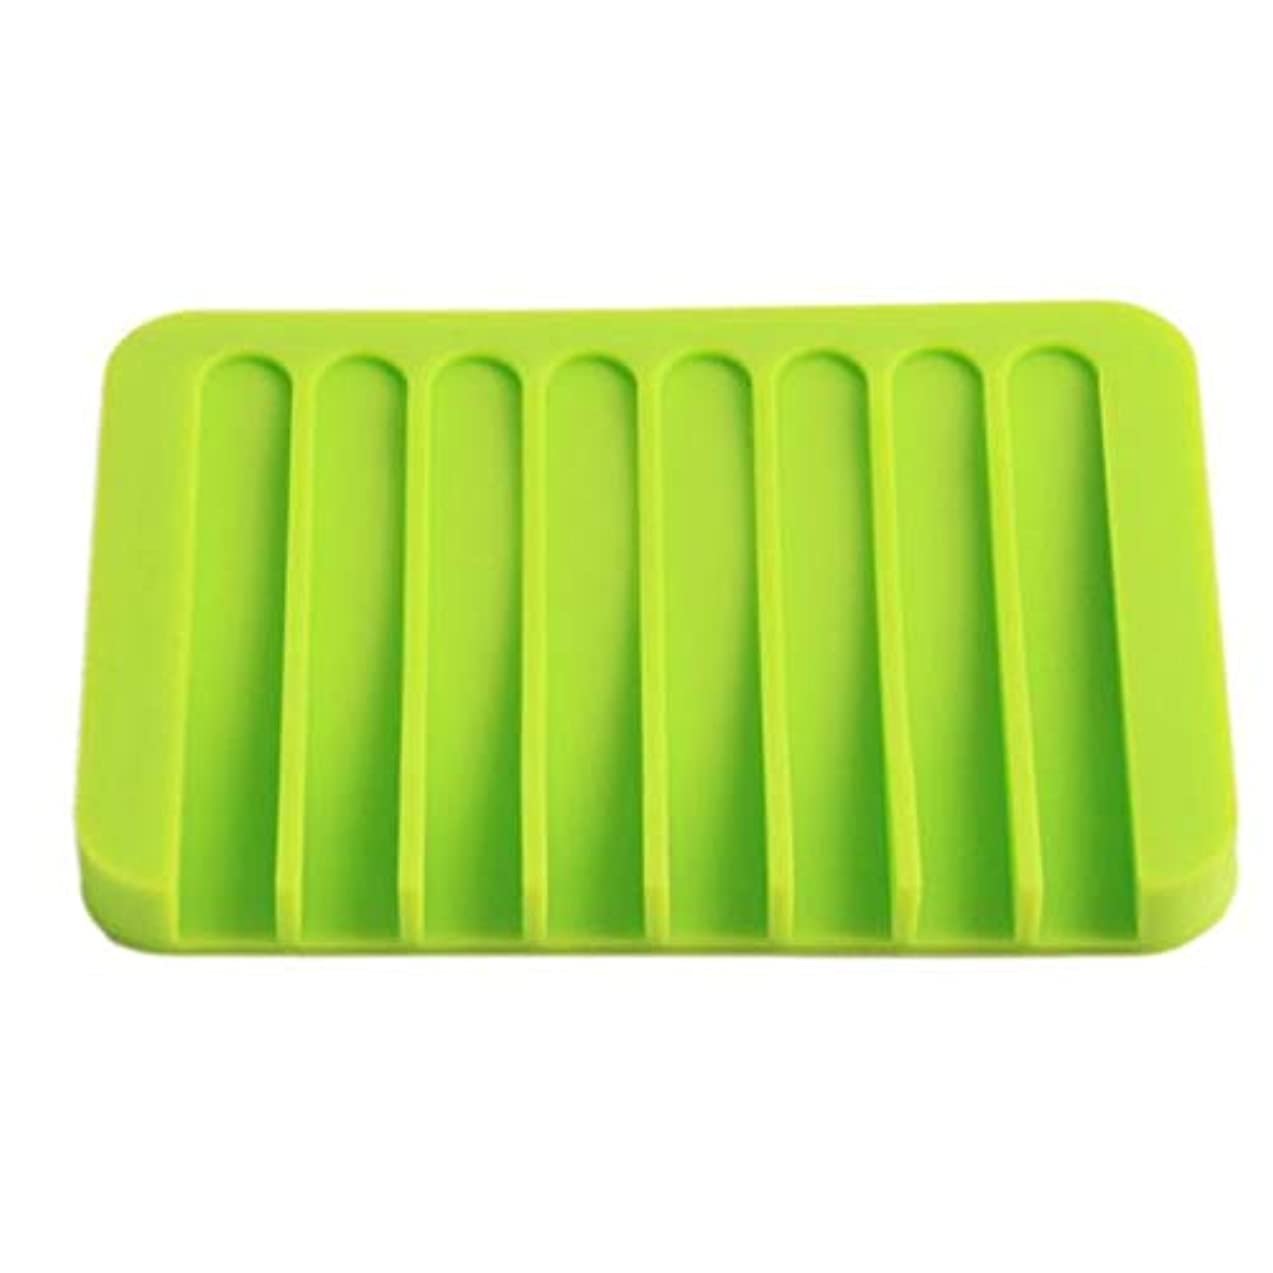 重荷圧倒する遺棄されたOnior プレミアム品質のシリコーン浴室柔軟な石鹸皿ソープホルダー収納ソープボックスプレートトレイ排水、グリーン